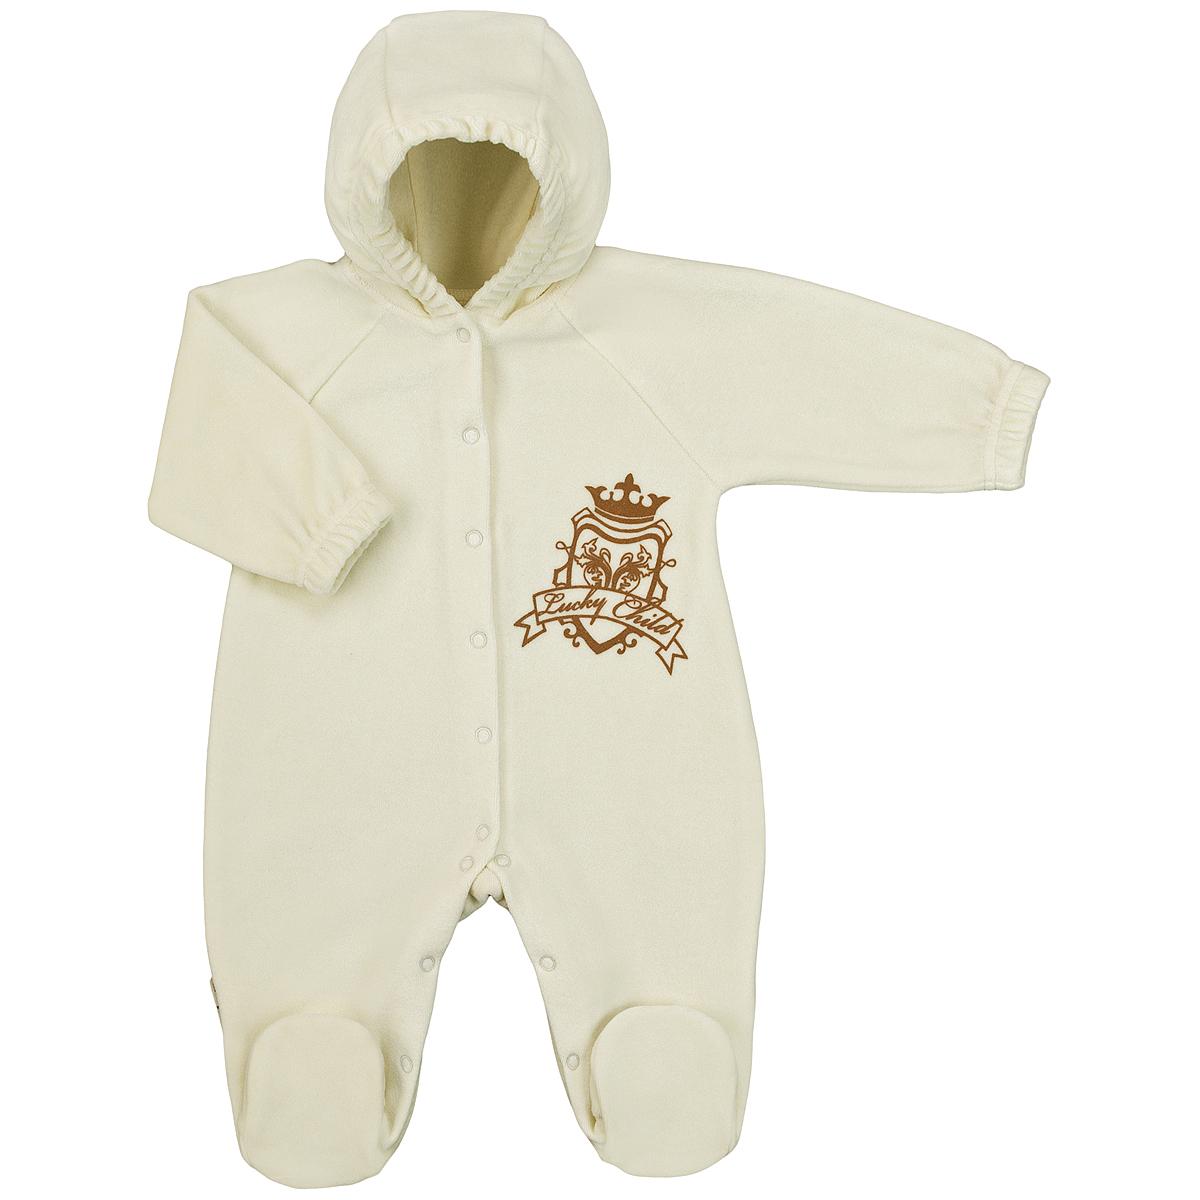 Комбинезон детский Lucky Child, цвет: экрю. 2-21. Размер 62/682-21Детский комбинезон с капюшоном Lucky Child - очень удобный и практичный вид одежды для малышей. Комбинезон выполнен из велюра, благодаря чему он необычайно мягкий и приятный на ощупь, не раздражают нежную кожу ребенка и хорошо вентилируются, а эластичные швы приятны телу малыша и не препятствуют его движениям. Комбинезон с длинными рукавами-реглан и закрытыми ножками имеет застежки-кнопки по центру от горловины до щиколоток, которые помогают легко переодеть младенца или сменить подгузник. На груди он оформлен оригинальным принтом в виде логотипа бренда. Рукава понизу дополнены неширокими эластичными манжетами, не перетягивающими запястья. С детским комбинезоном Lucky Child спинка и ножки вашего малыша всегда будут в тепле. Комбинезон полностью соответствует особенностям жизни младенца в ранний период, не стесняя и не ограничивая его в движениях!